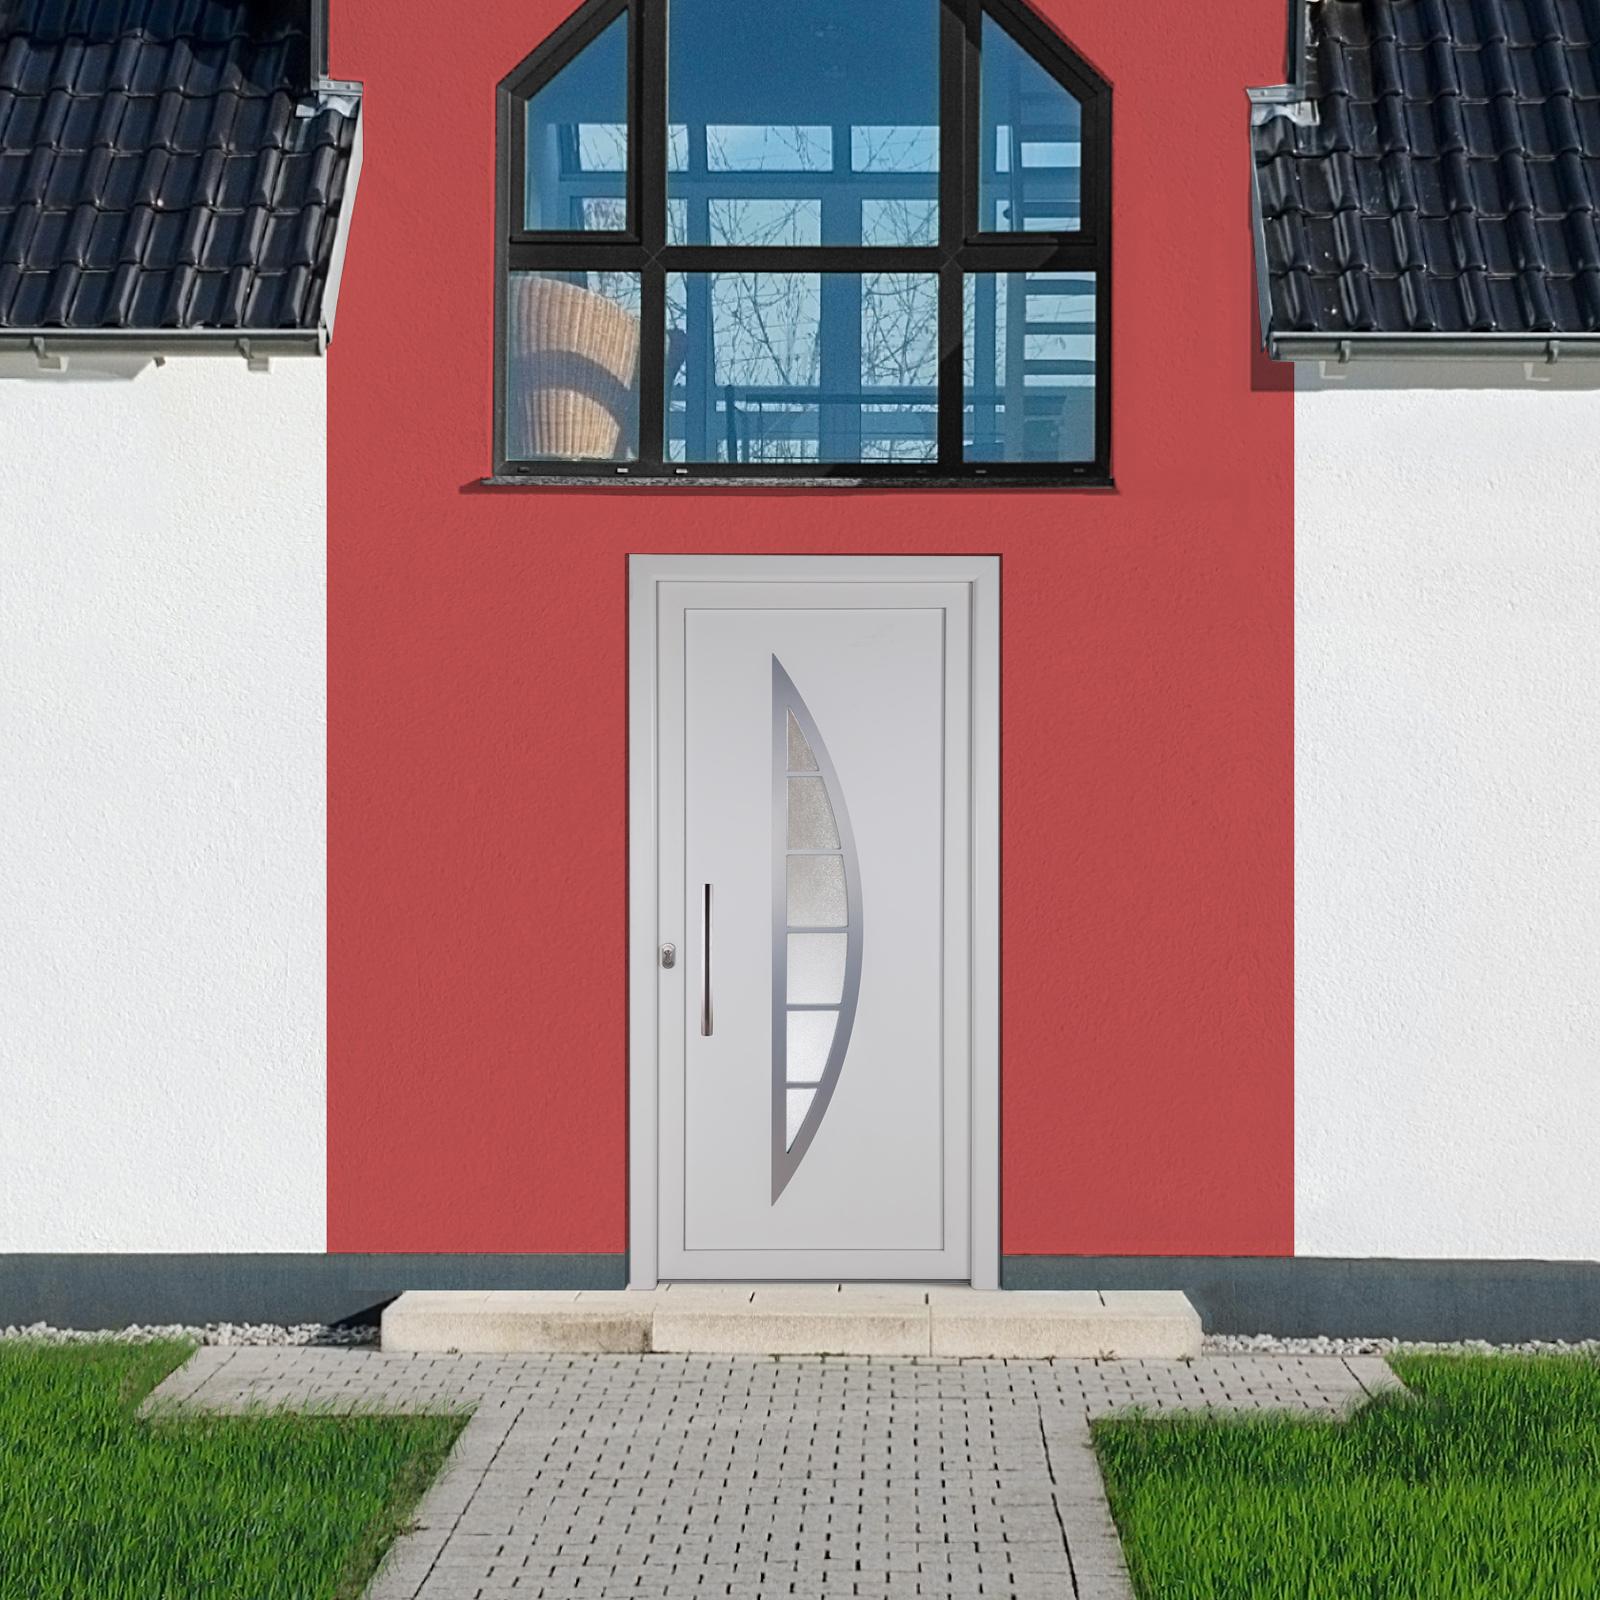 kunststoff haust r fdm 23 wei 980 x 2000 mm mit lichtausschnitt ebay. Black Bedroom Furniture Sets. Home Design Ideas